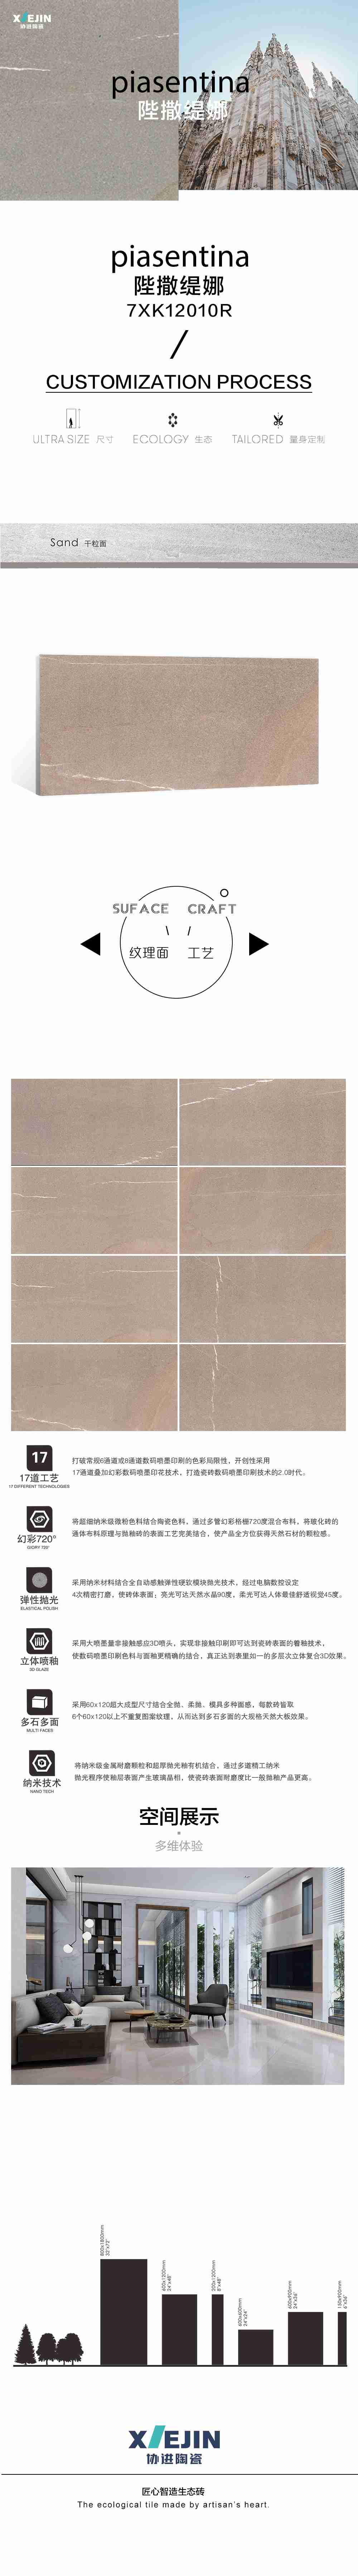 7XK12010R--4.jpg